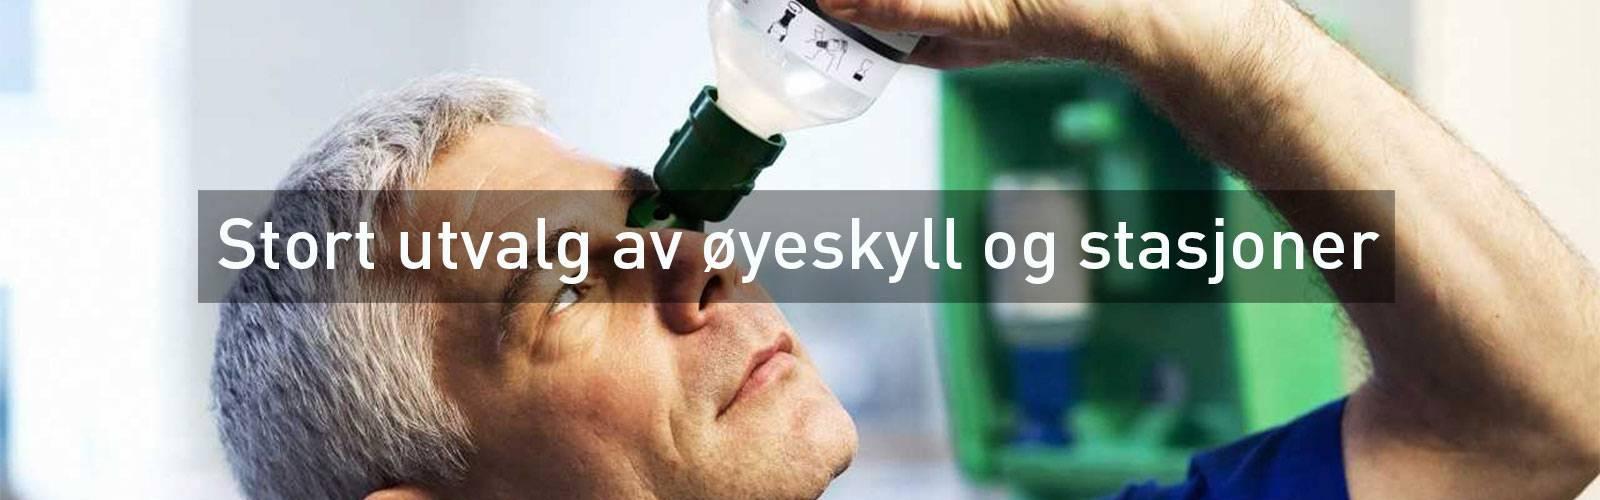 øyeskyll øyeskader Ph nøytral øyedusj øyespray  førstehjelpsutstyr